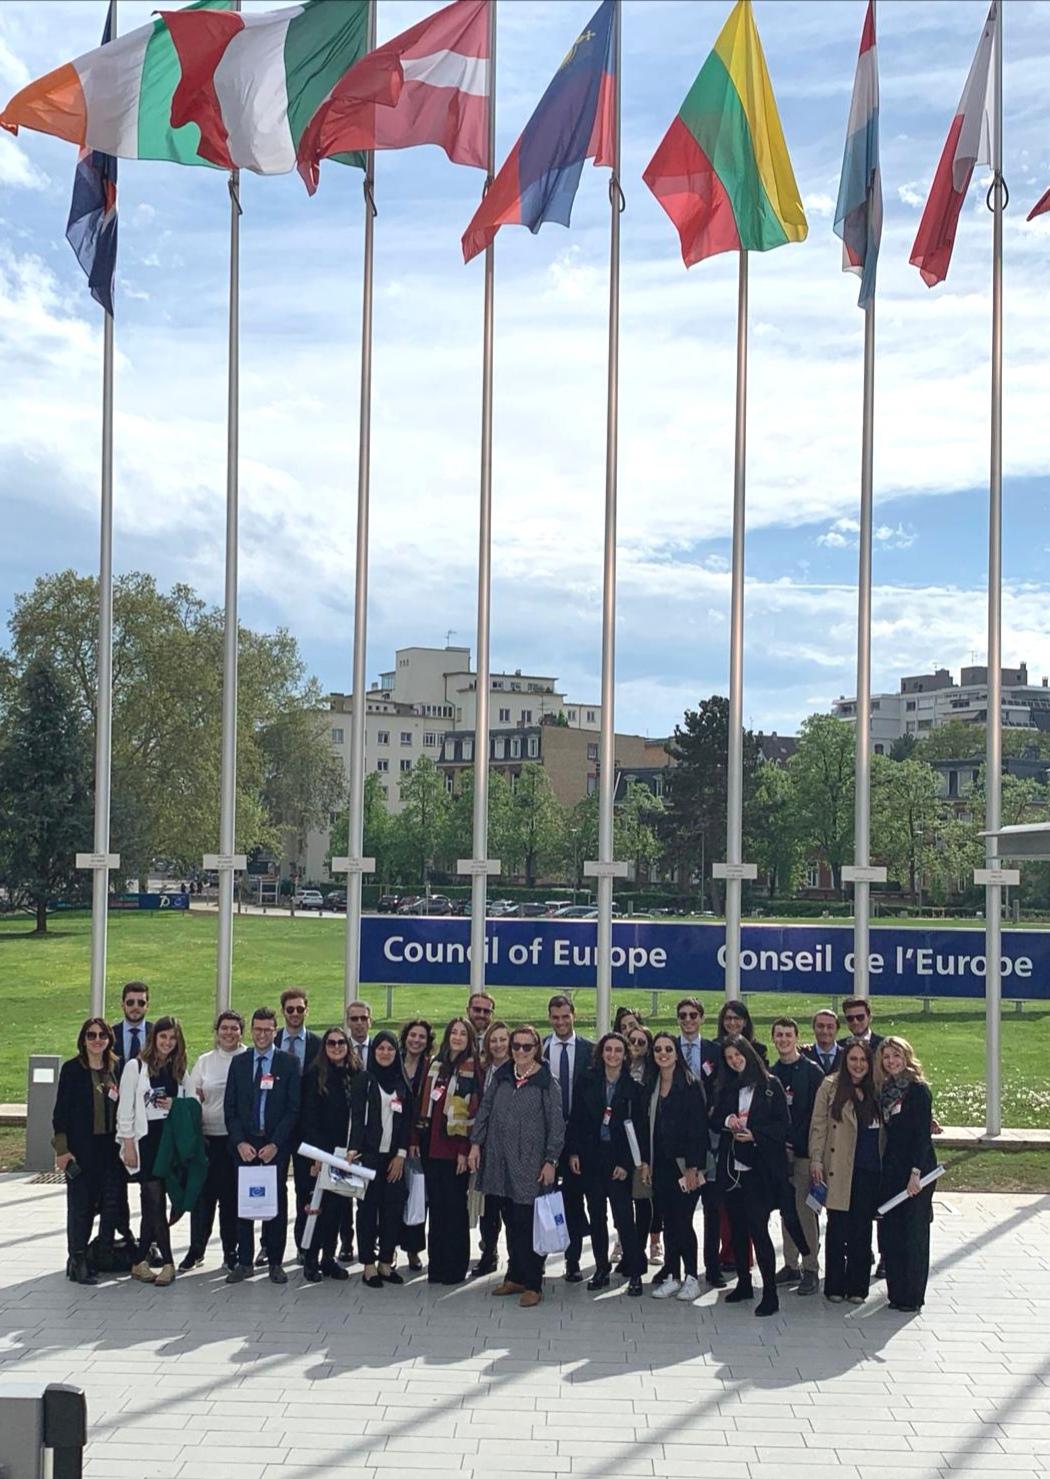 Unime Giurisprudenza Calendario Esami.Studenti Unime Visitano La Cedu E Le Istituzioni Europee